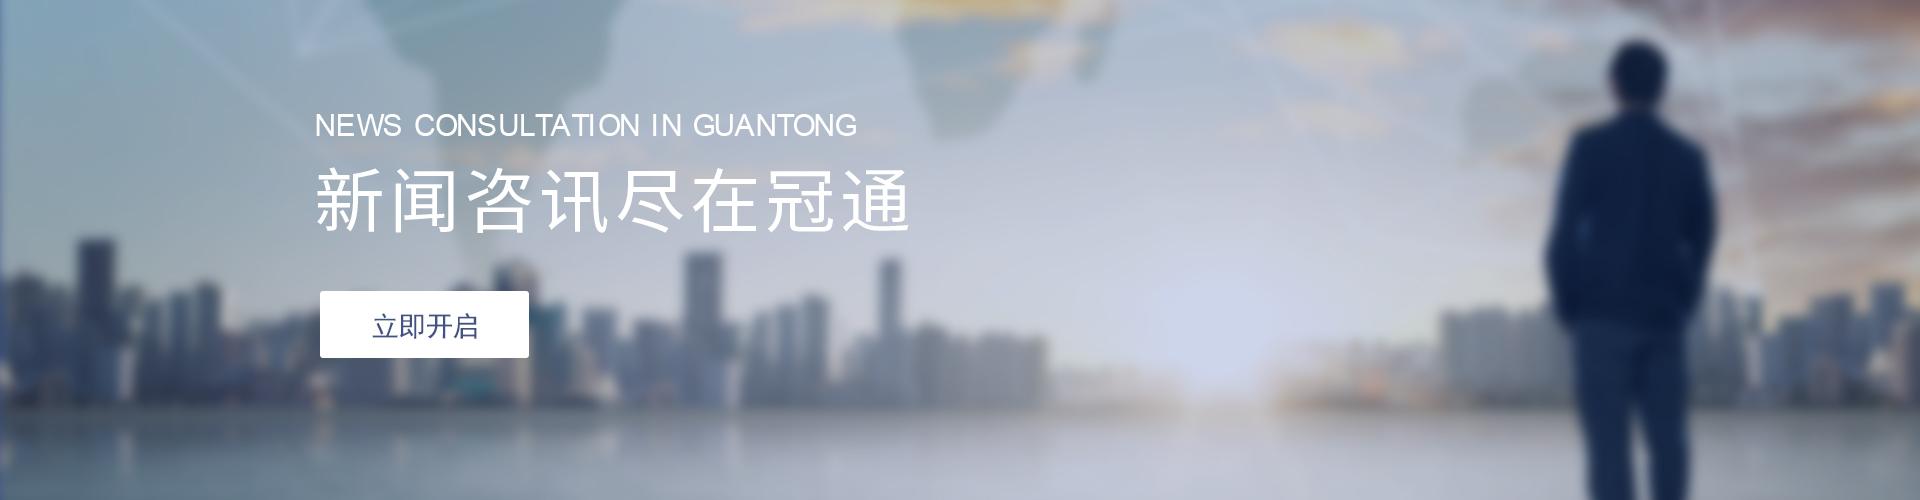 新聞banner